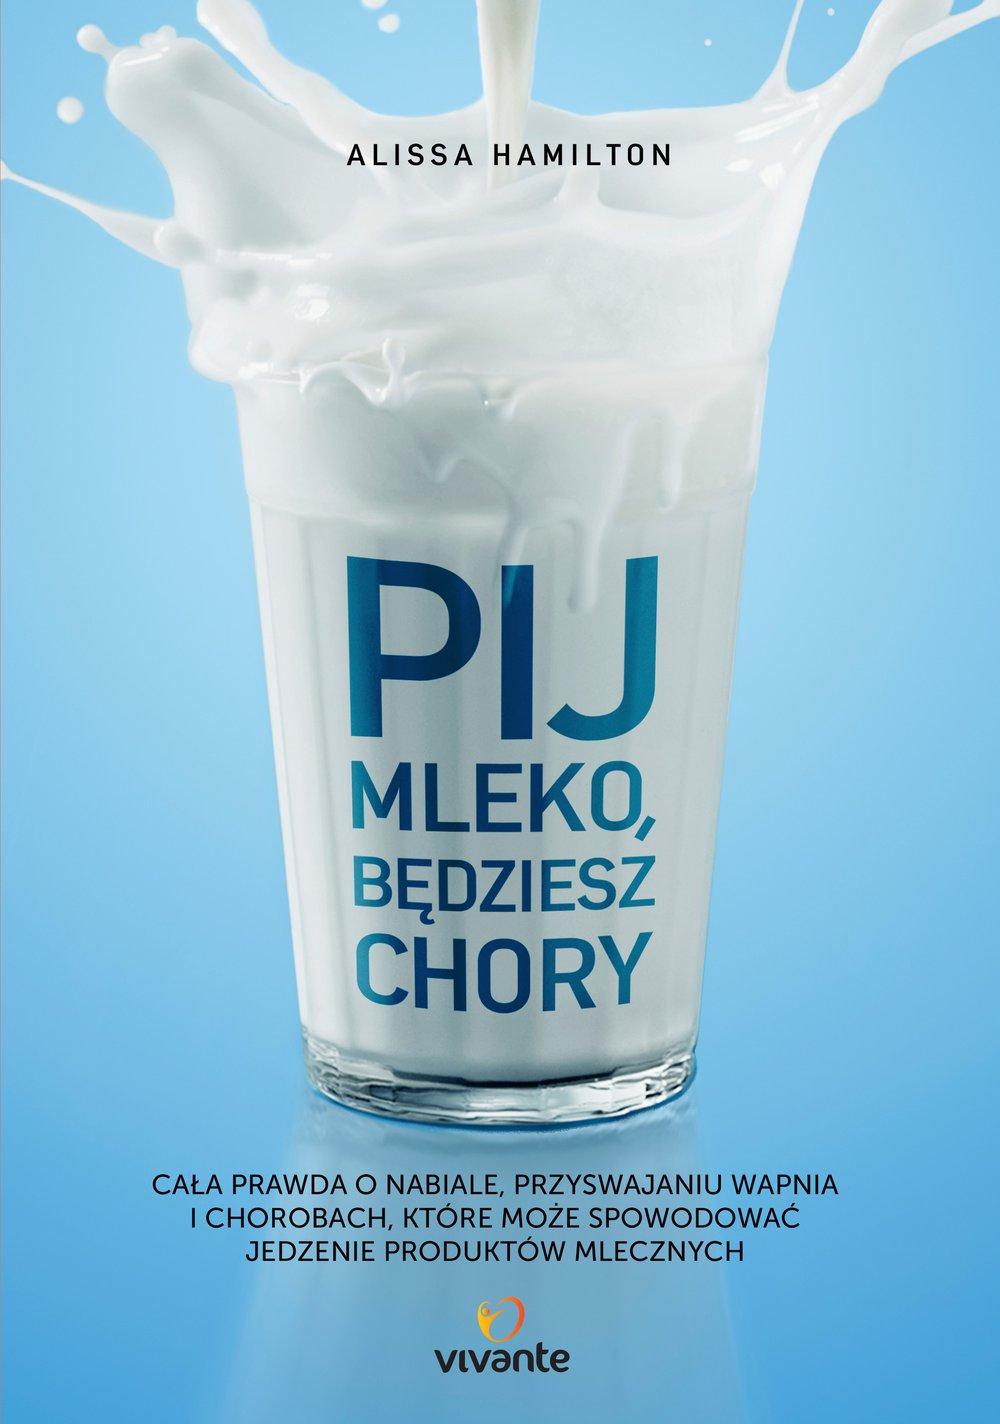 Pij mleko, będziesz chory. Cała prawda o nabiale, przyswajaniu wapnia i chorobach, które może spowodować jedzenie produktów mlecznych - Ebook (Książka na Kindle) do pobrania w formacie MOBI